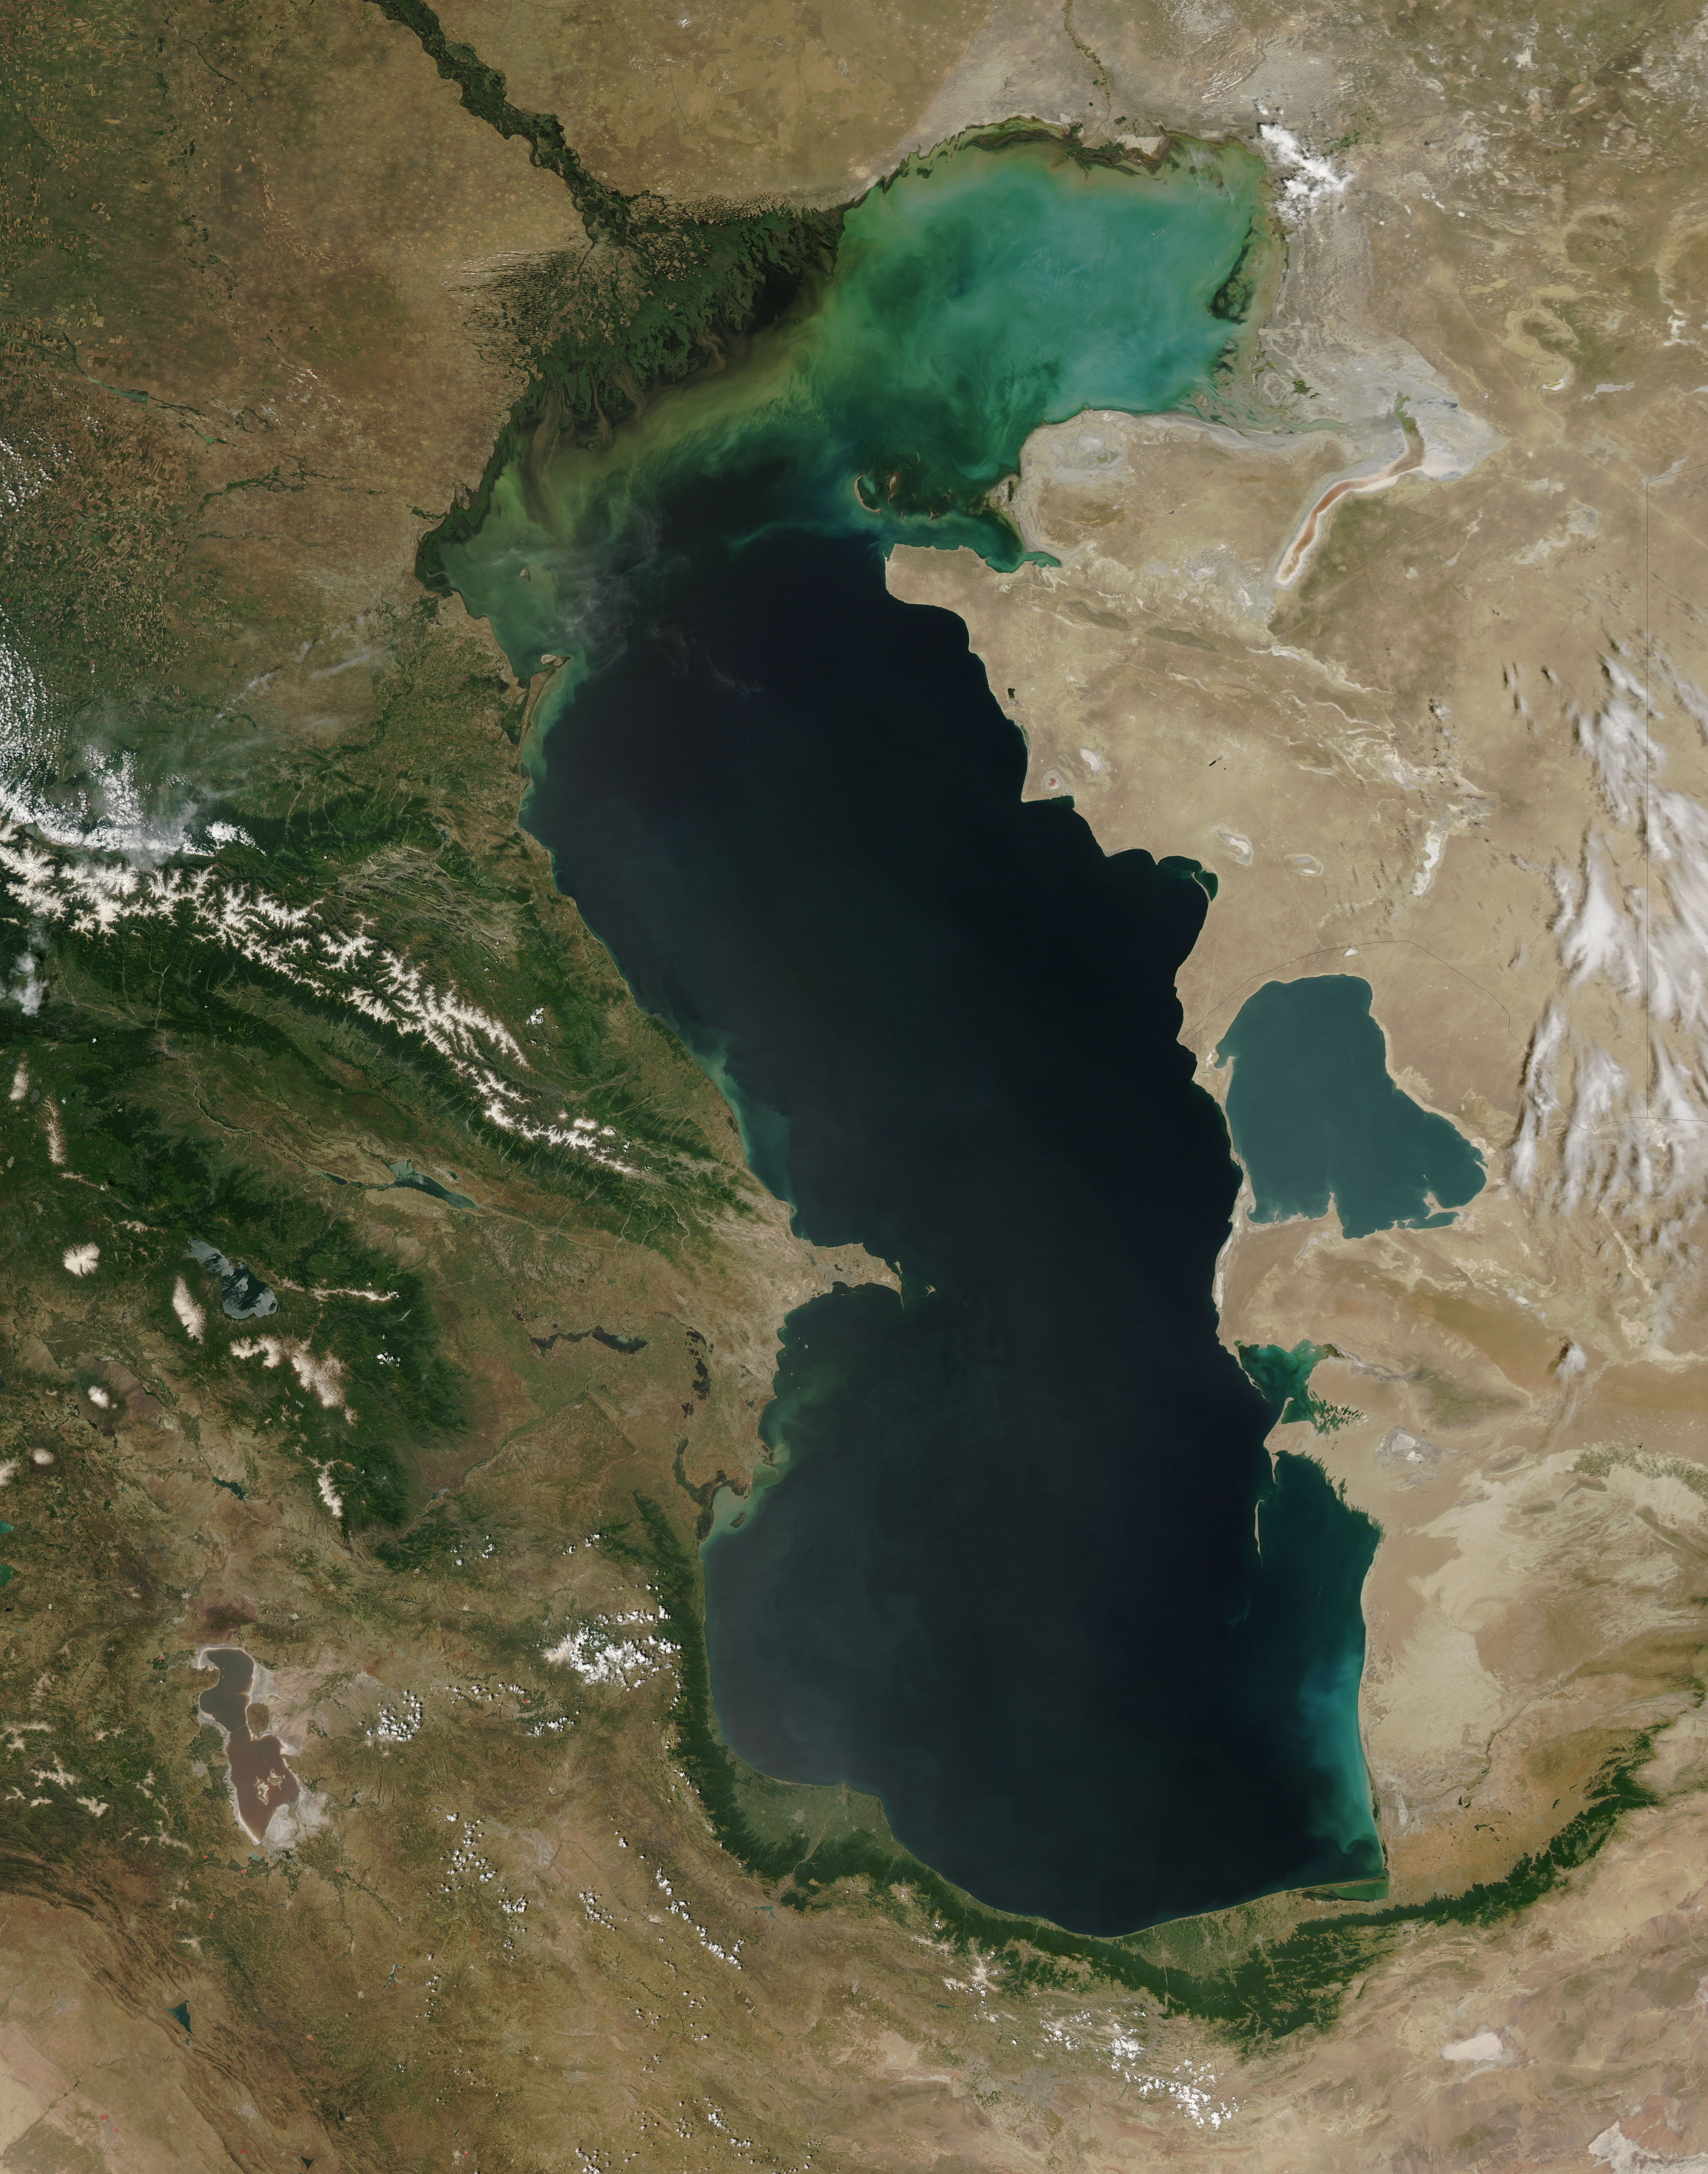 Kaspiske Hav Wikipedia Den Frie Encyklopaedi